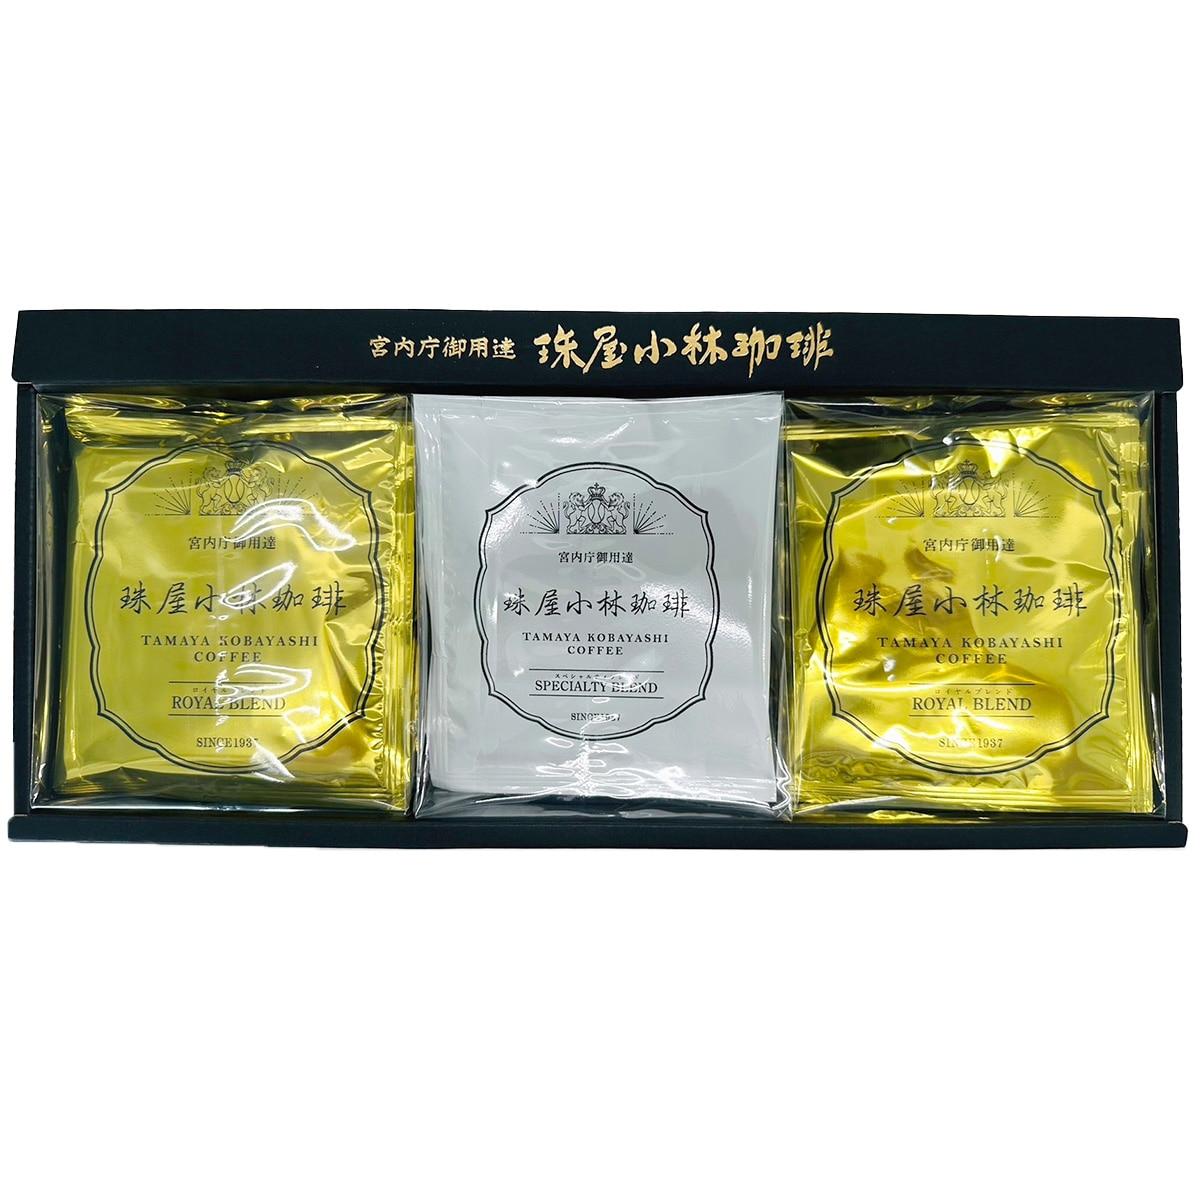 珠屋櫻山 (東京)ドリップコーヒーギフトセット3(宮内庁御用達 珠屋小林珈琲)